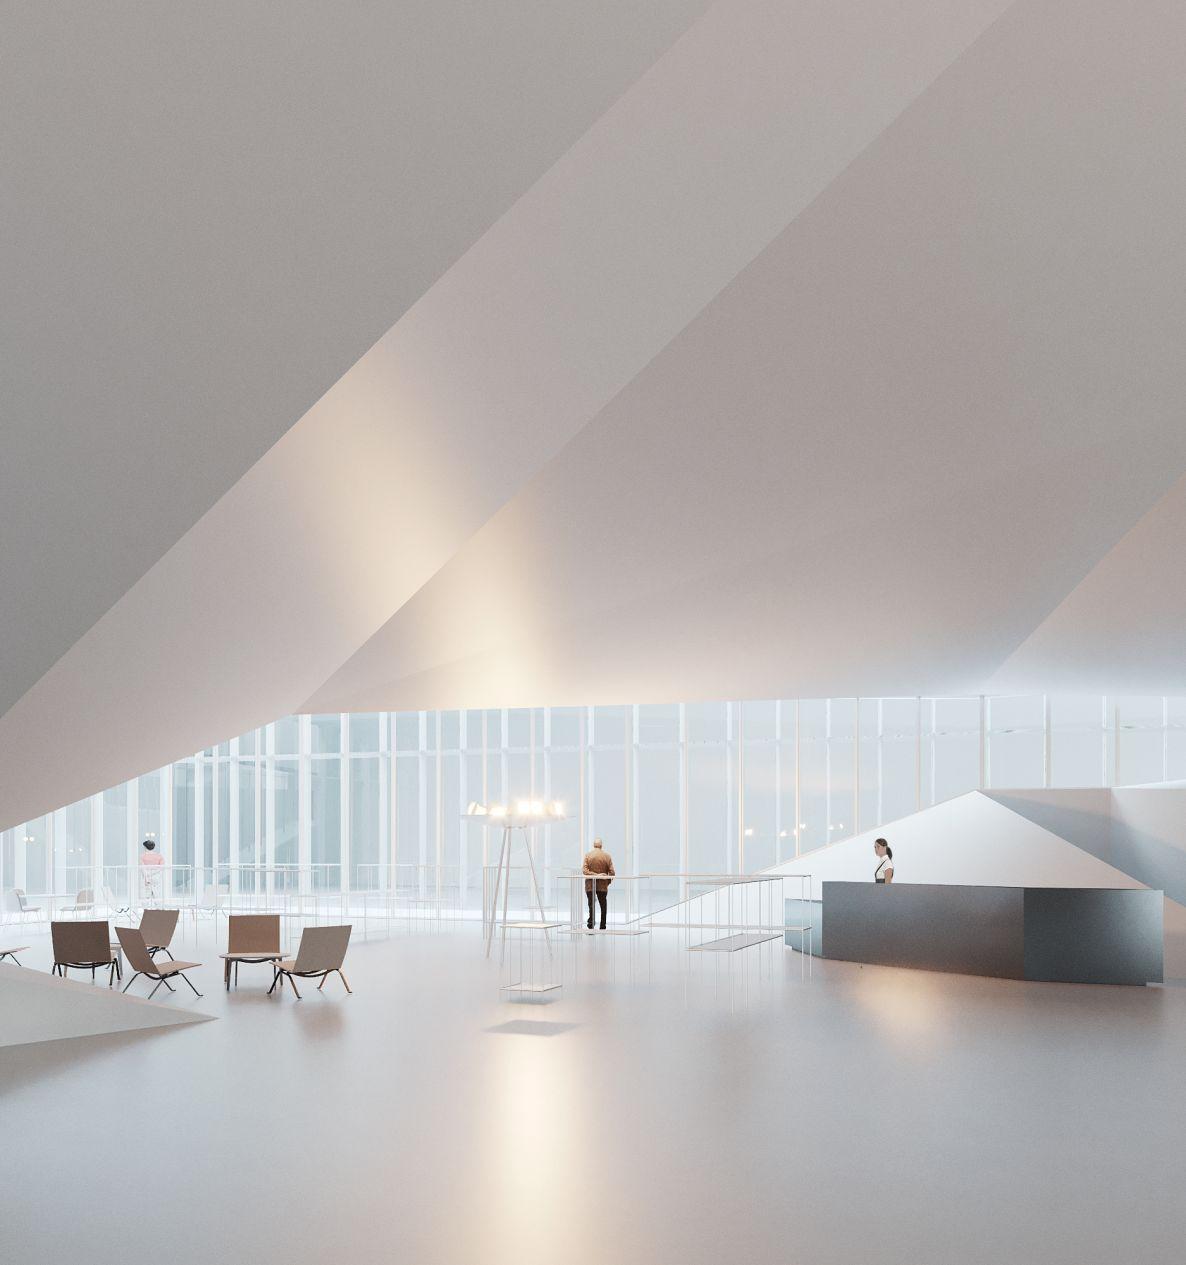 MUDAC (Museu do Design e Arte Contemporânea)